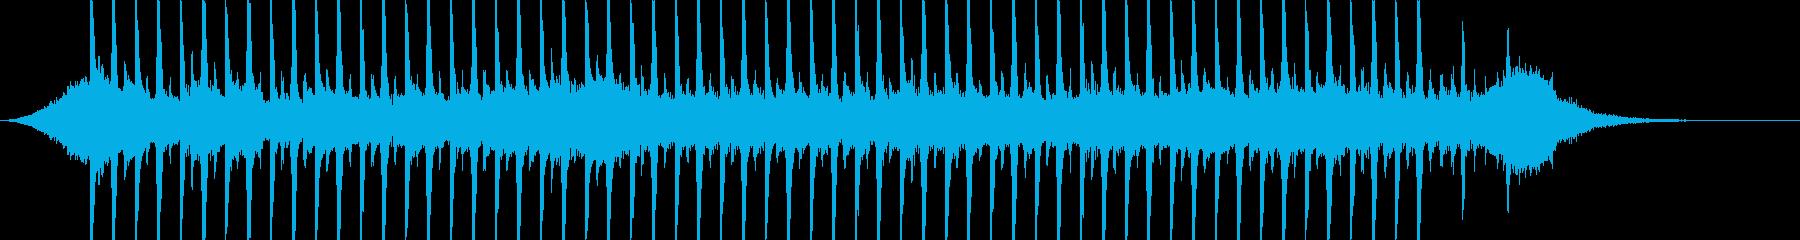 企業VP系22、爽やかギター4つ打ち1cの再生済みの波形